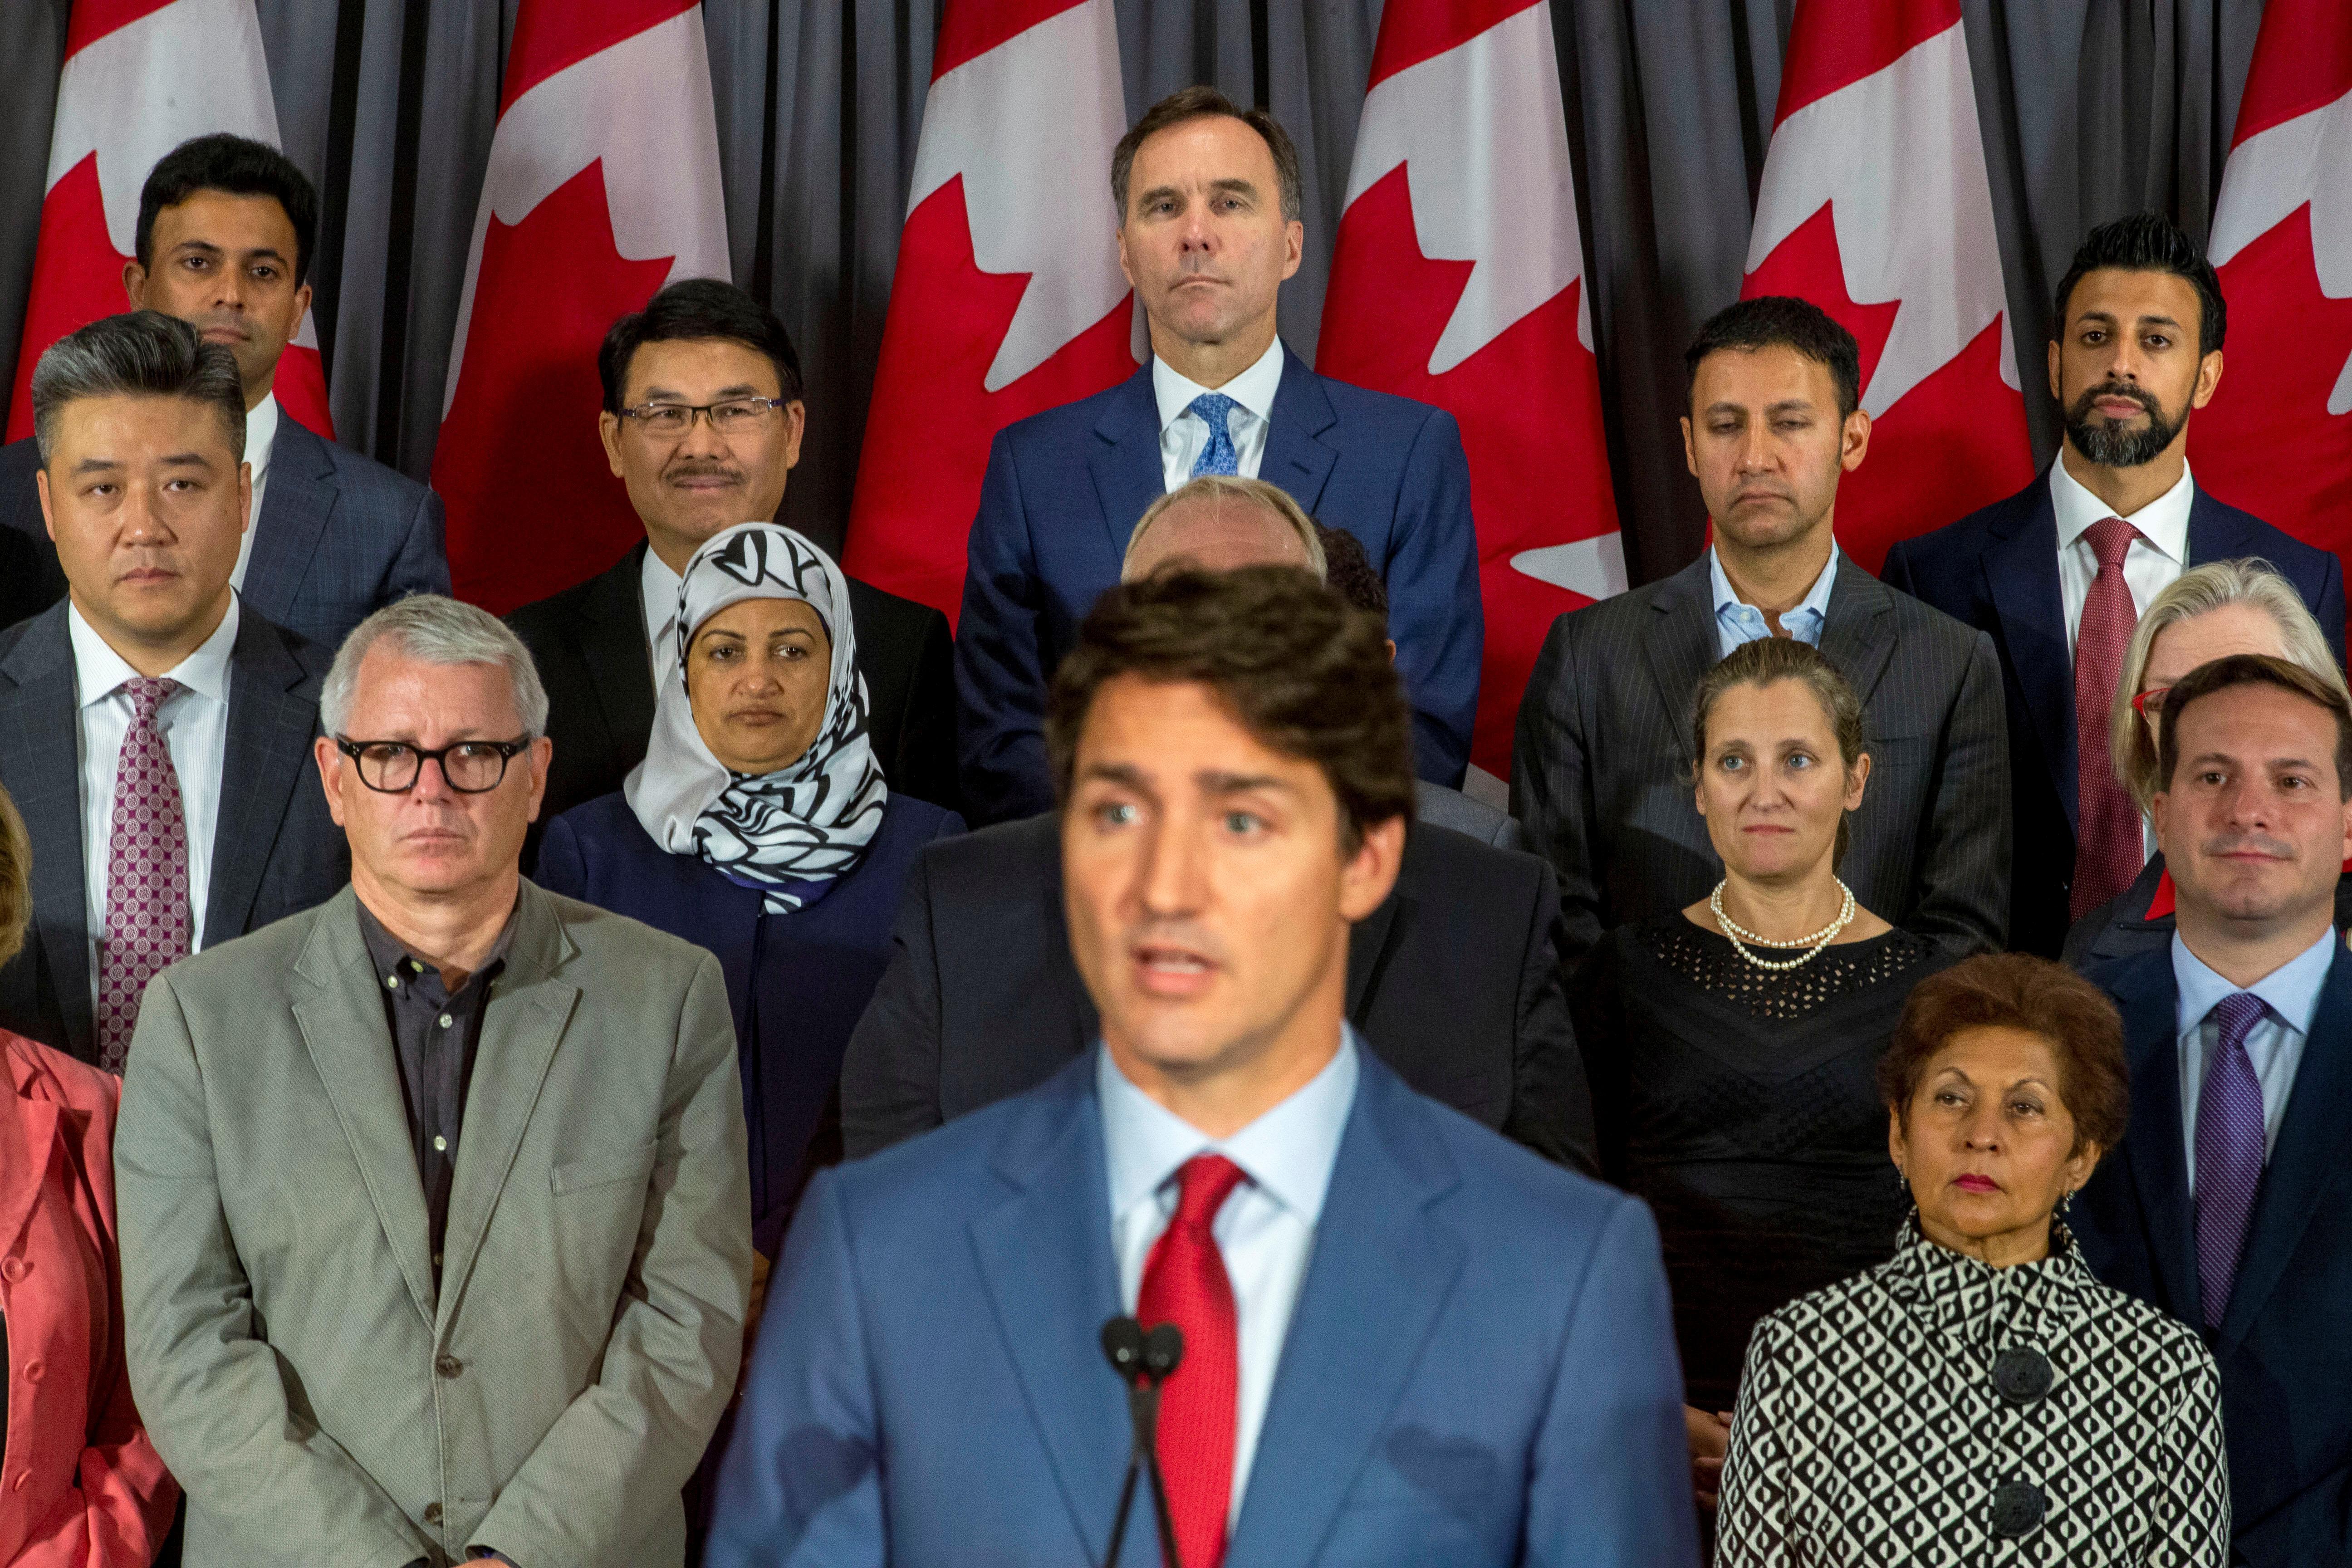 Canada's Trudeau pledges assault rifle ban, pivots campaign amid...